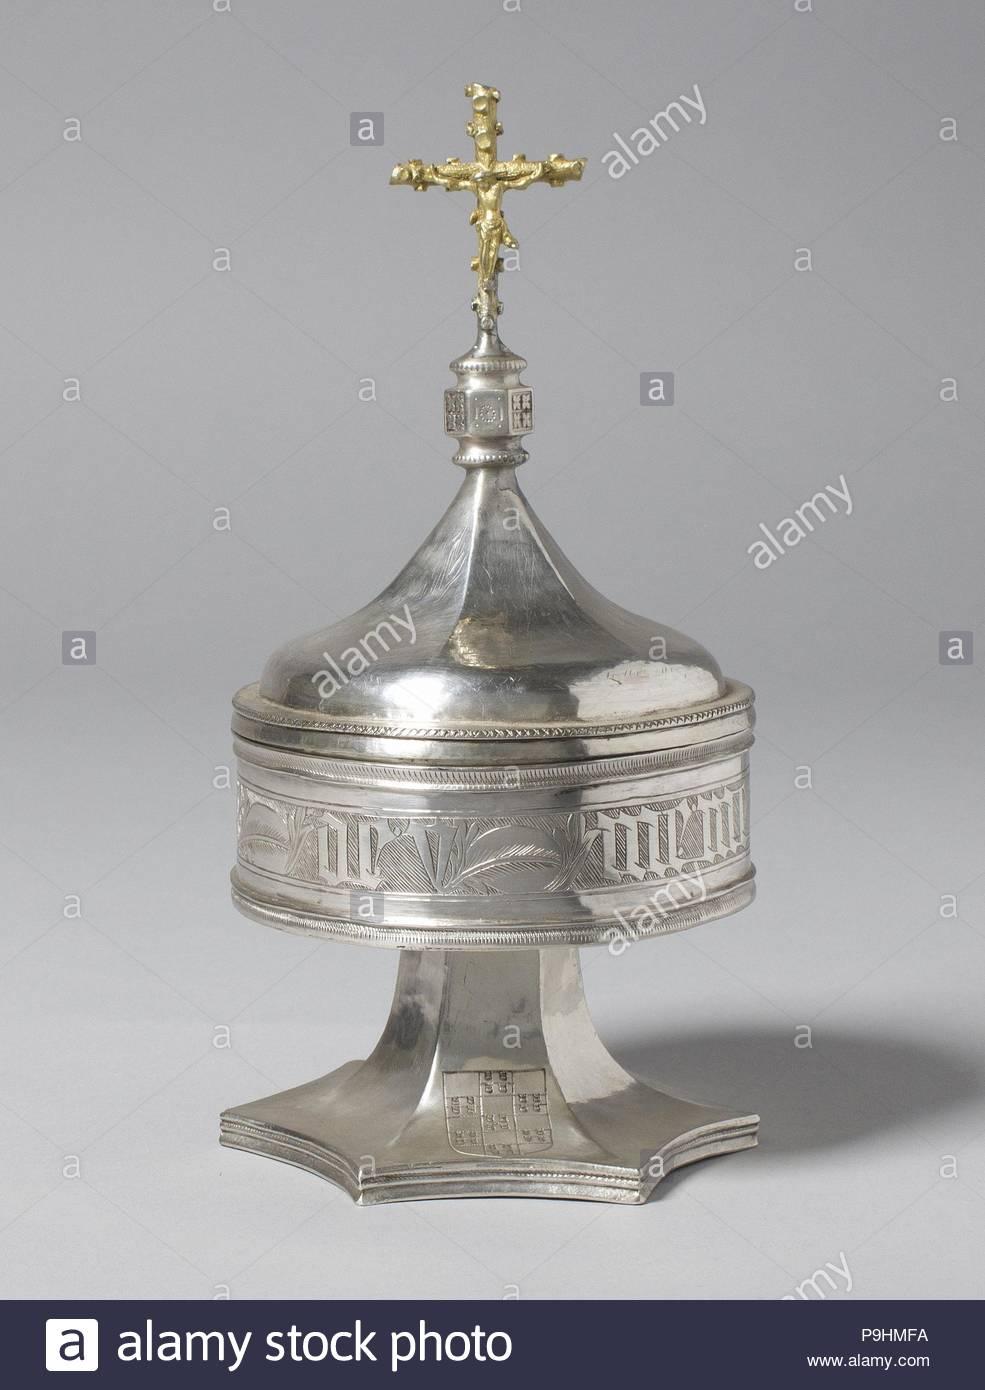 super popular e442a 36a23 Pyx, fin du 15e siècle, l espagnol, de l argent, en partie doré, Total   H    7 1 2 x diam. 3 5 8 in. (19,1 x 9,2 cm), Metalwork-Silver.